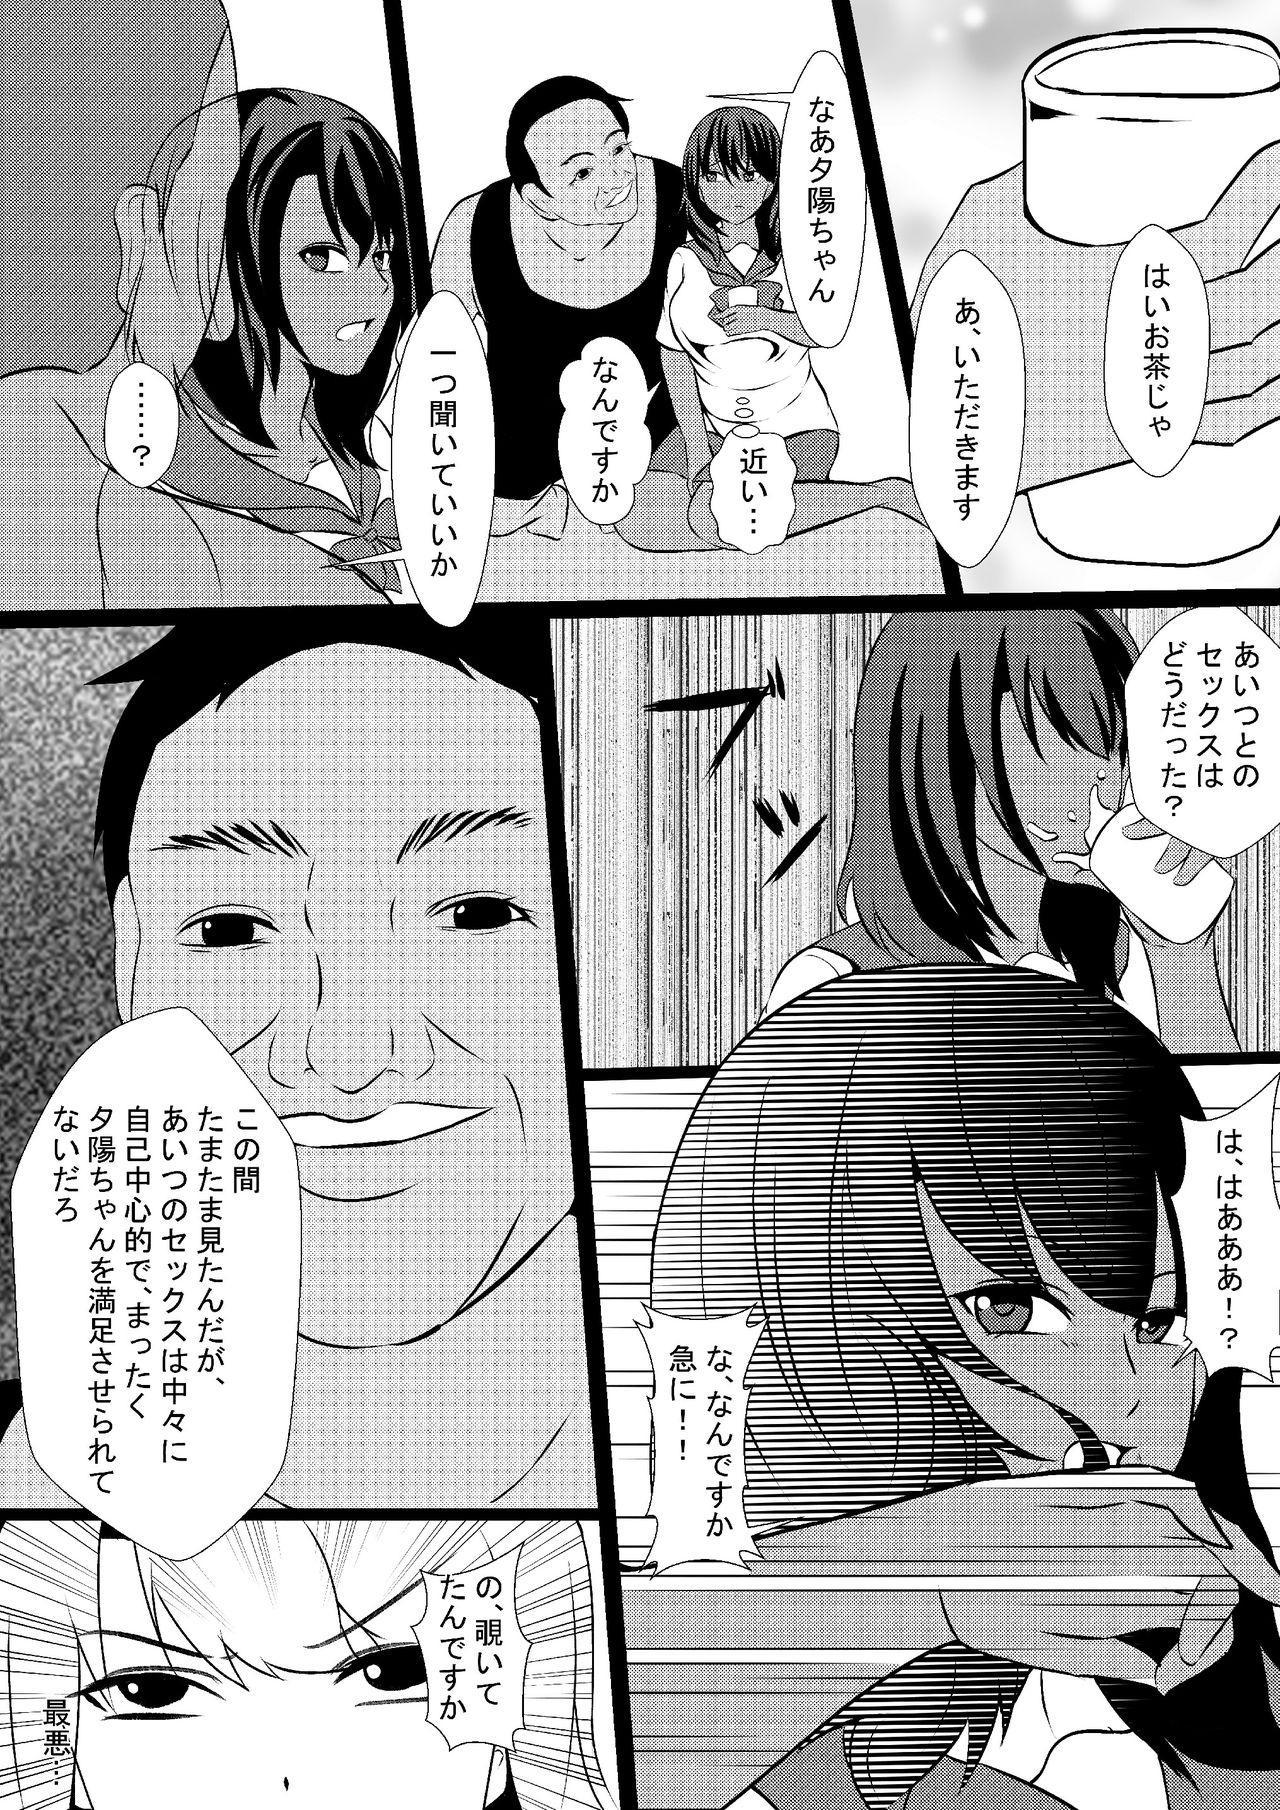 Musuko no Kanojo o Netoru Chichioya 9